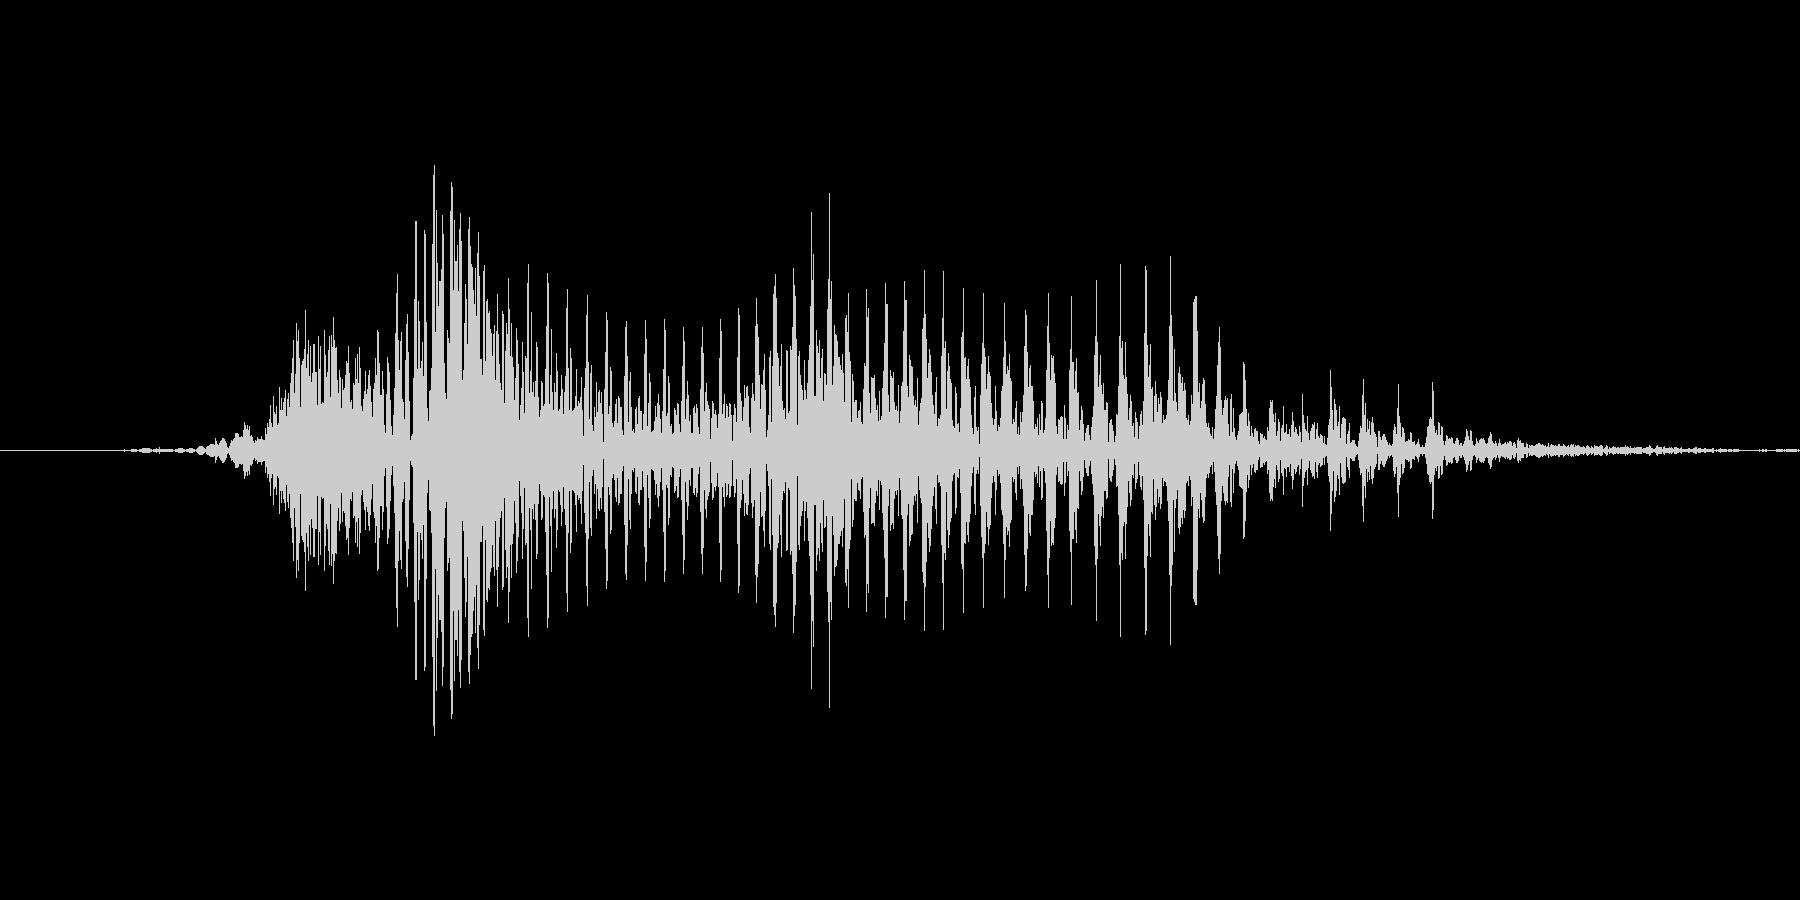 「July」英語発音の未再生の波形